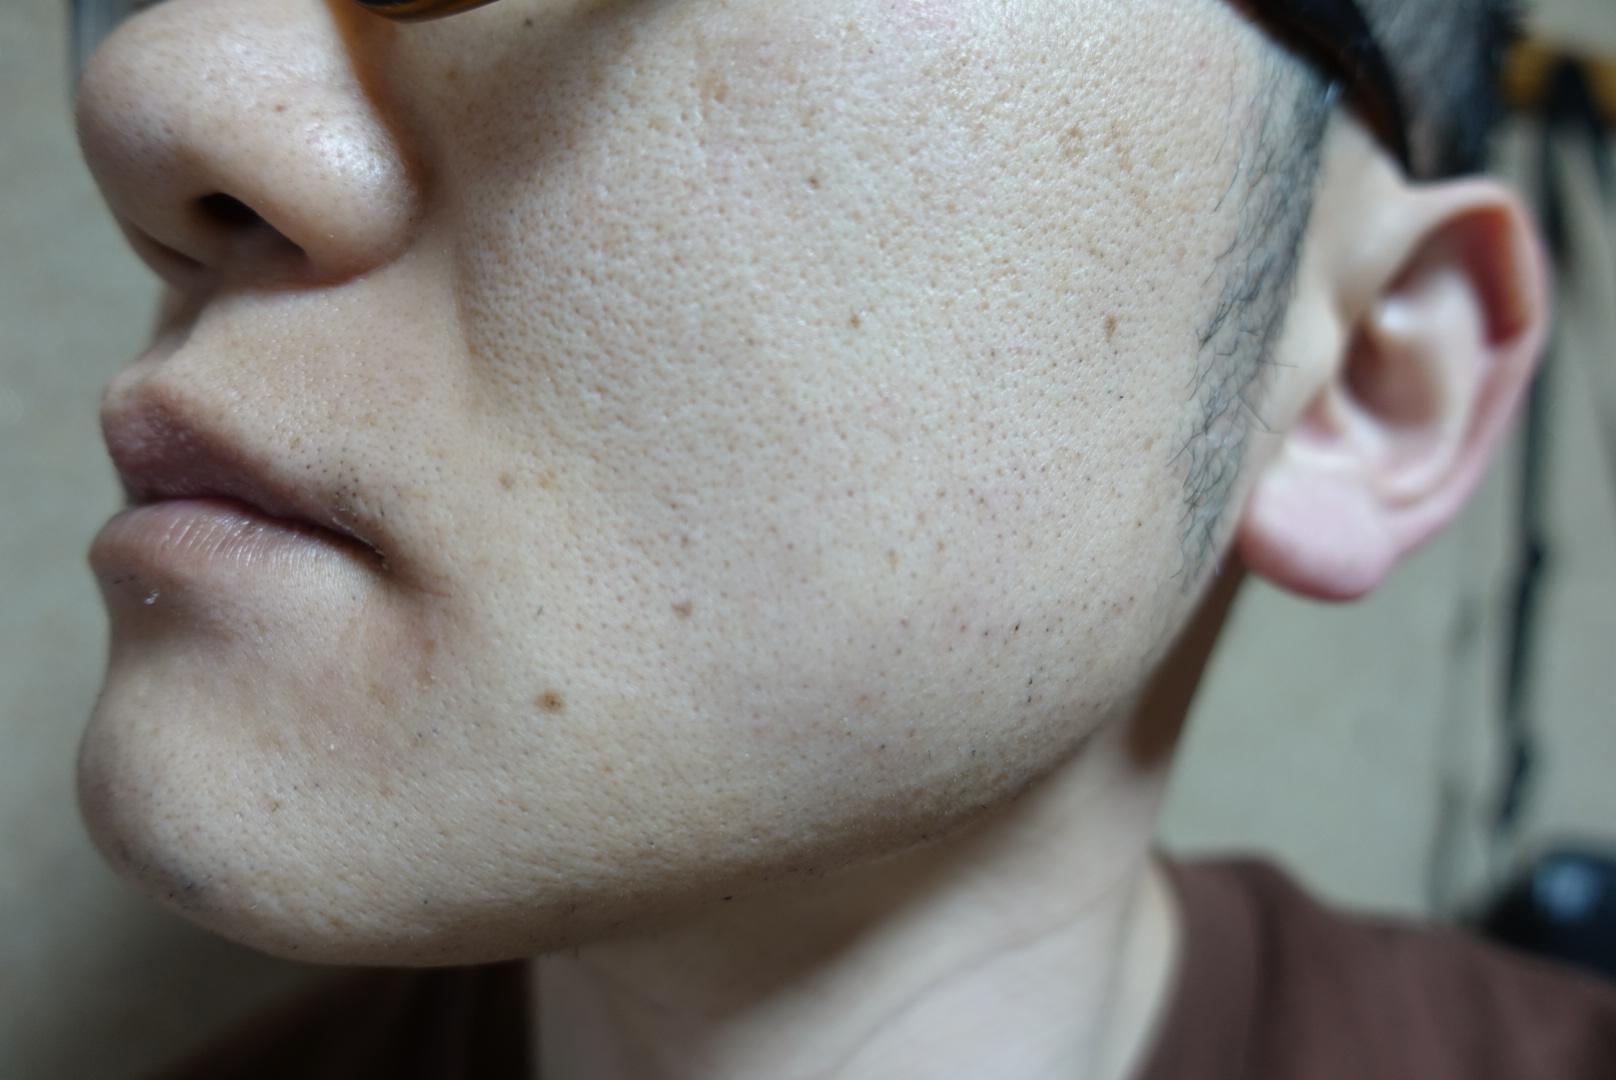 メンズリゼでヒゲ脱毛13回目施術3日後-側面(左)